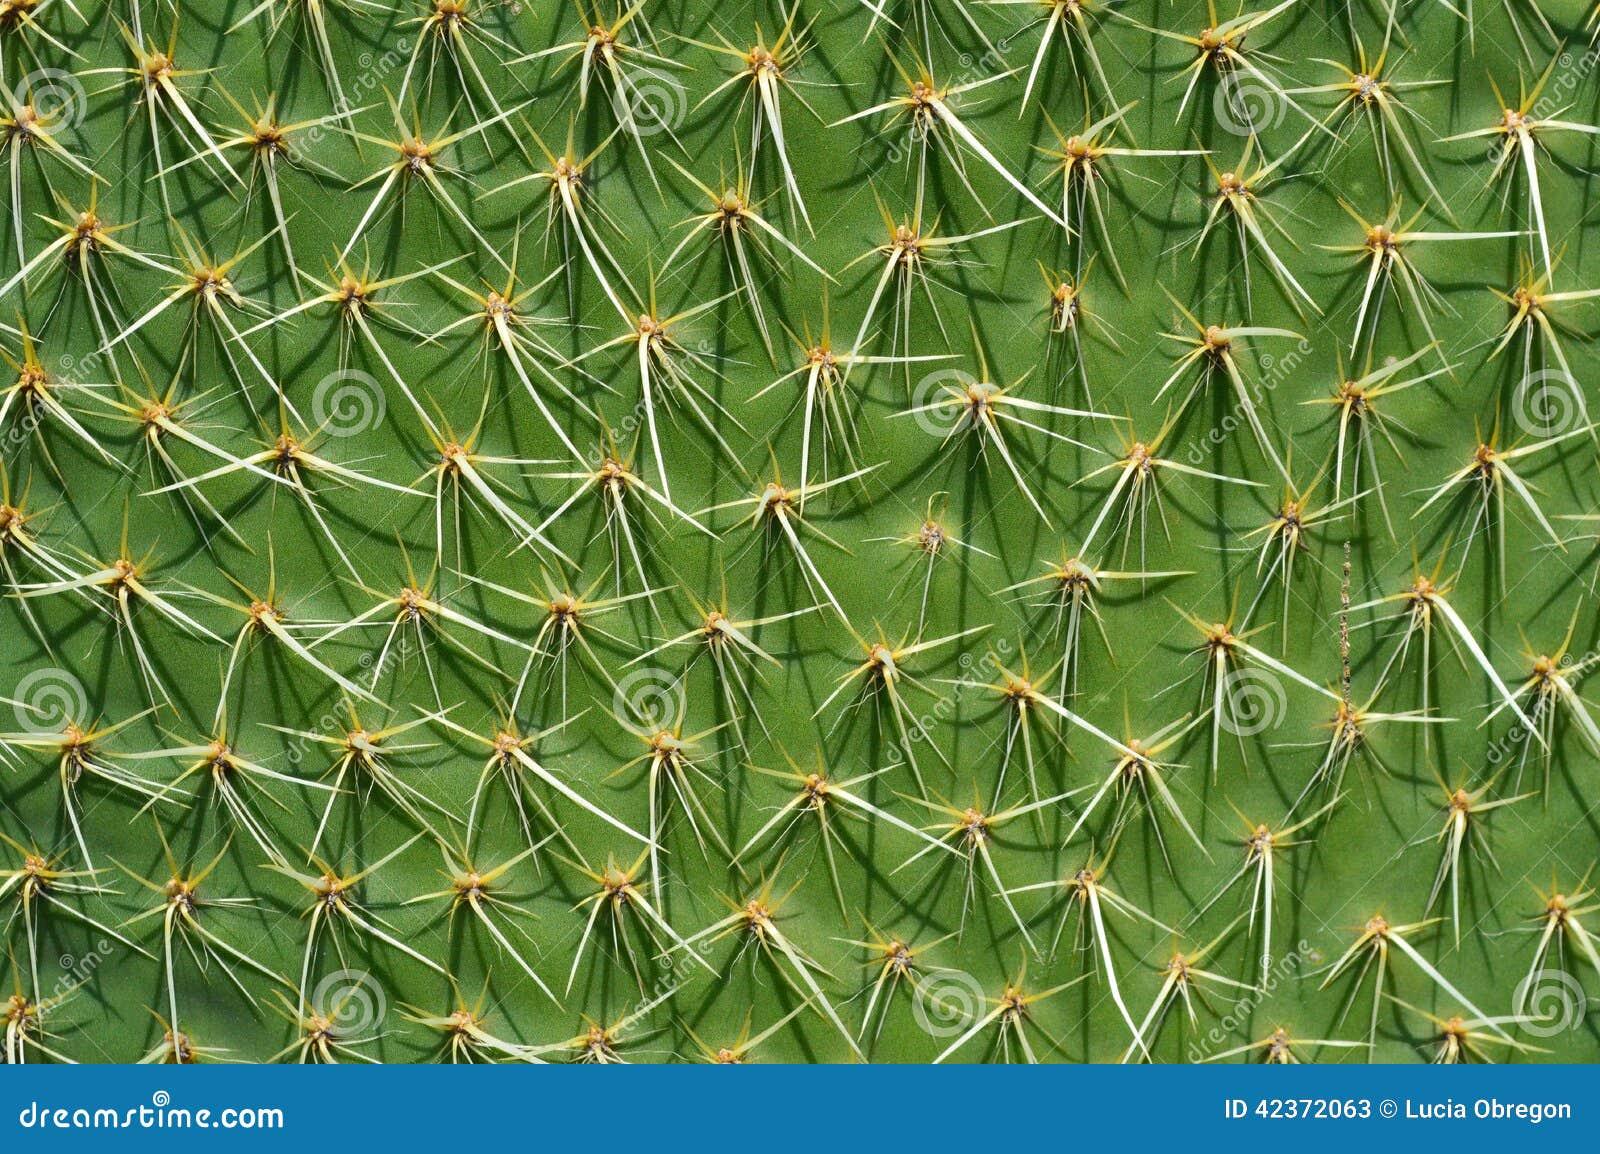 仙人掌植物在墨西哥沙漠